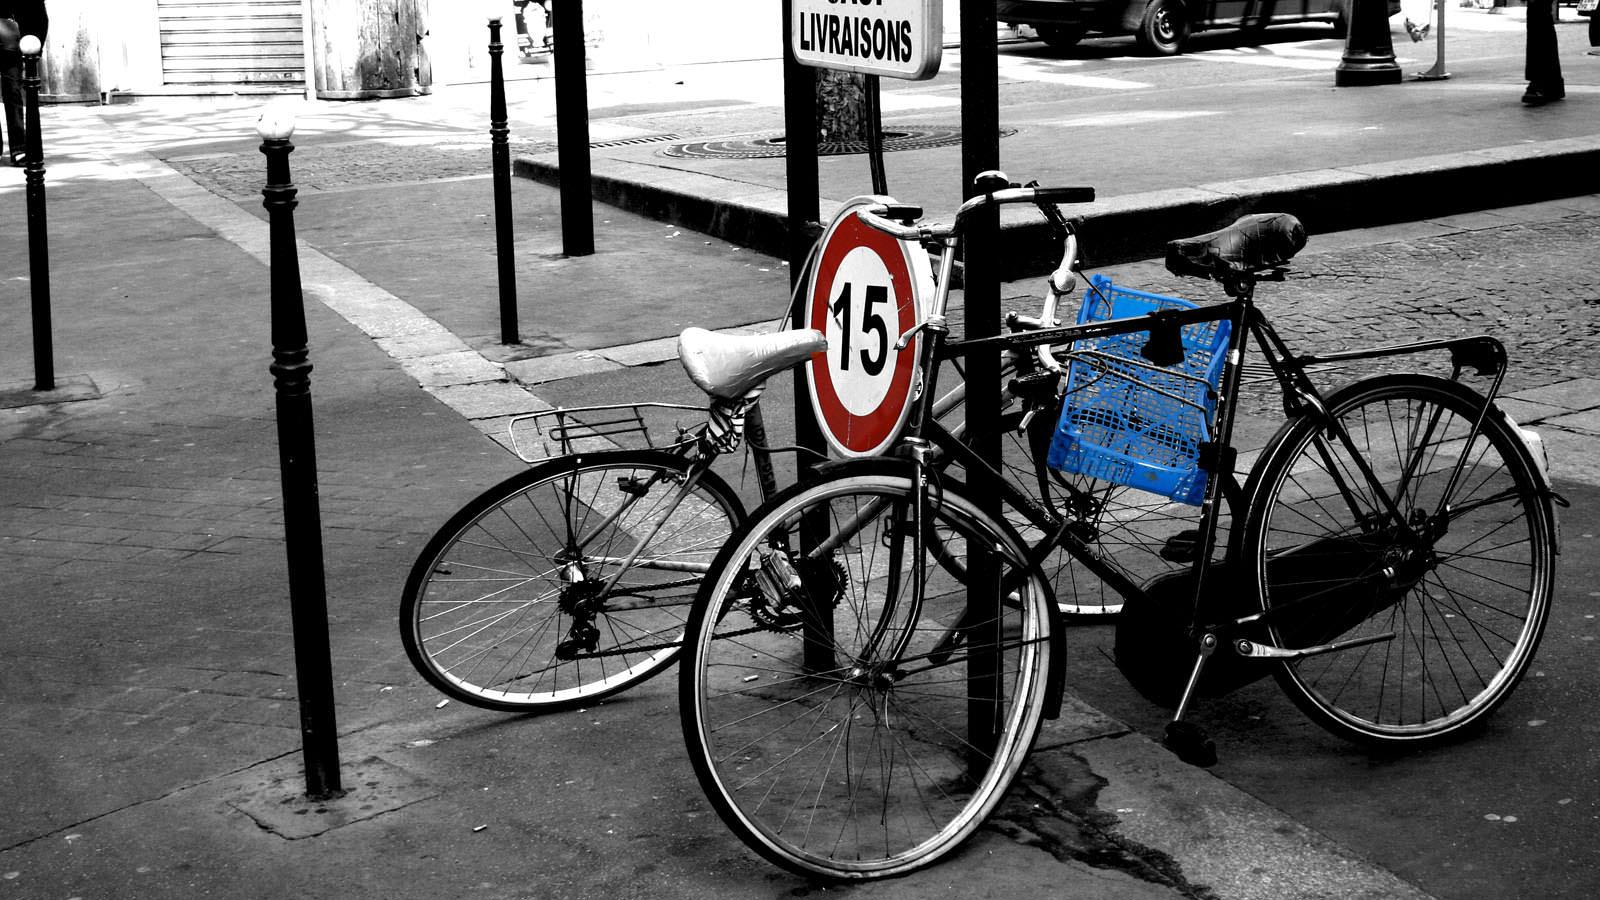 Auf dem Weg zur Fahrradstadt: Paris errichtet bis 2020 innerstädtische Radschnellwege (REV) und investiert 150 Millionen Euro in den Radverkehr